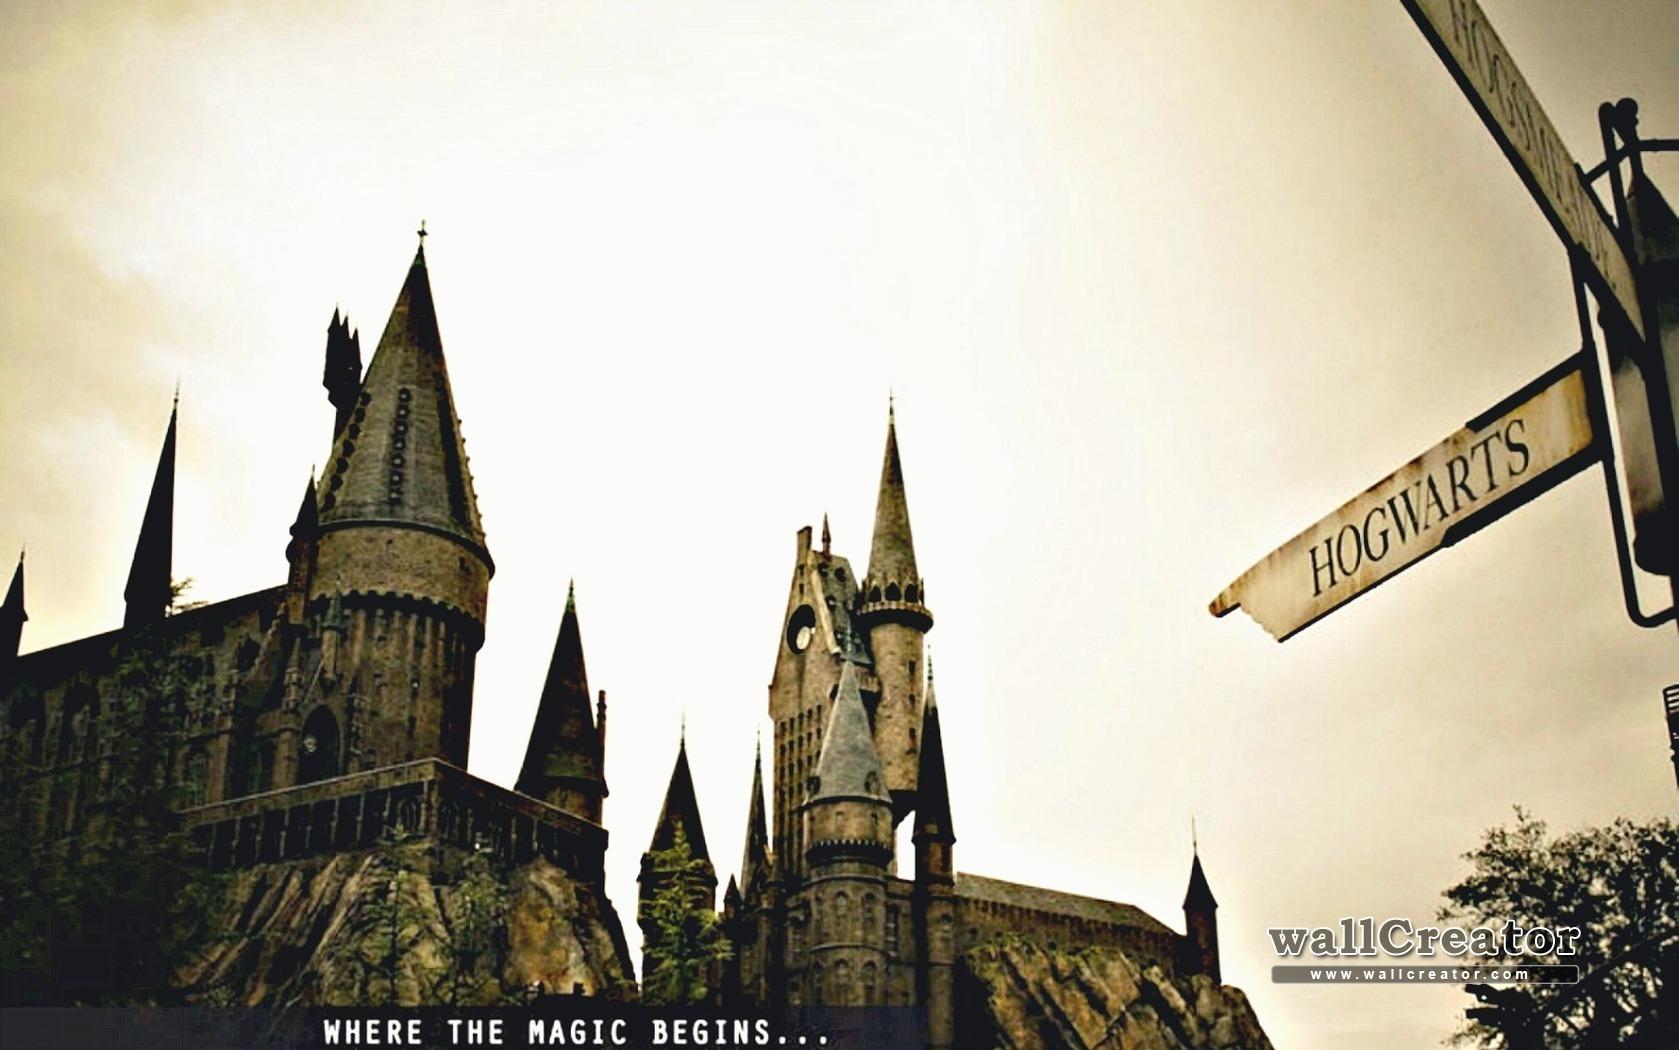 Harry Potter Desktop Background: Hogwarts Desktop Wallpaper